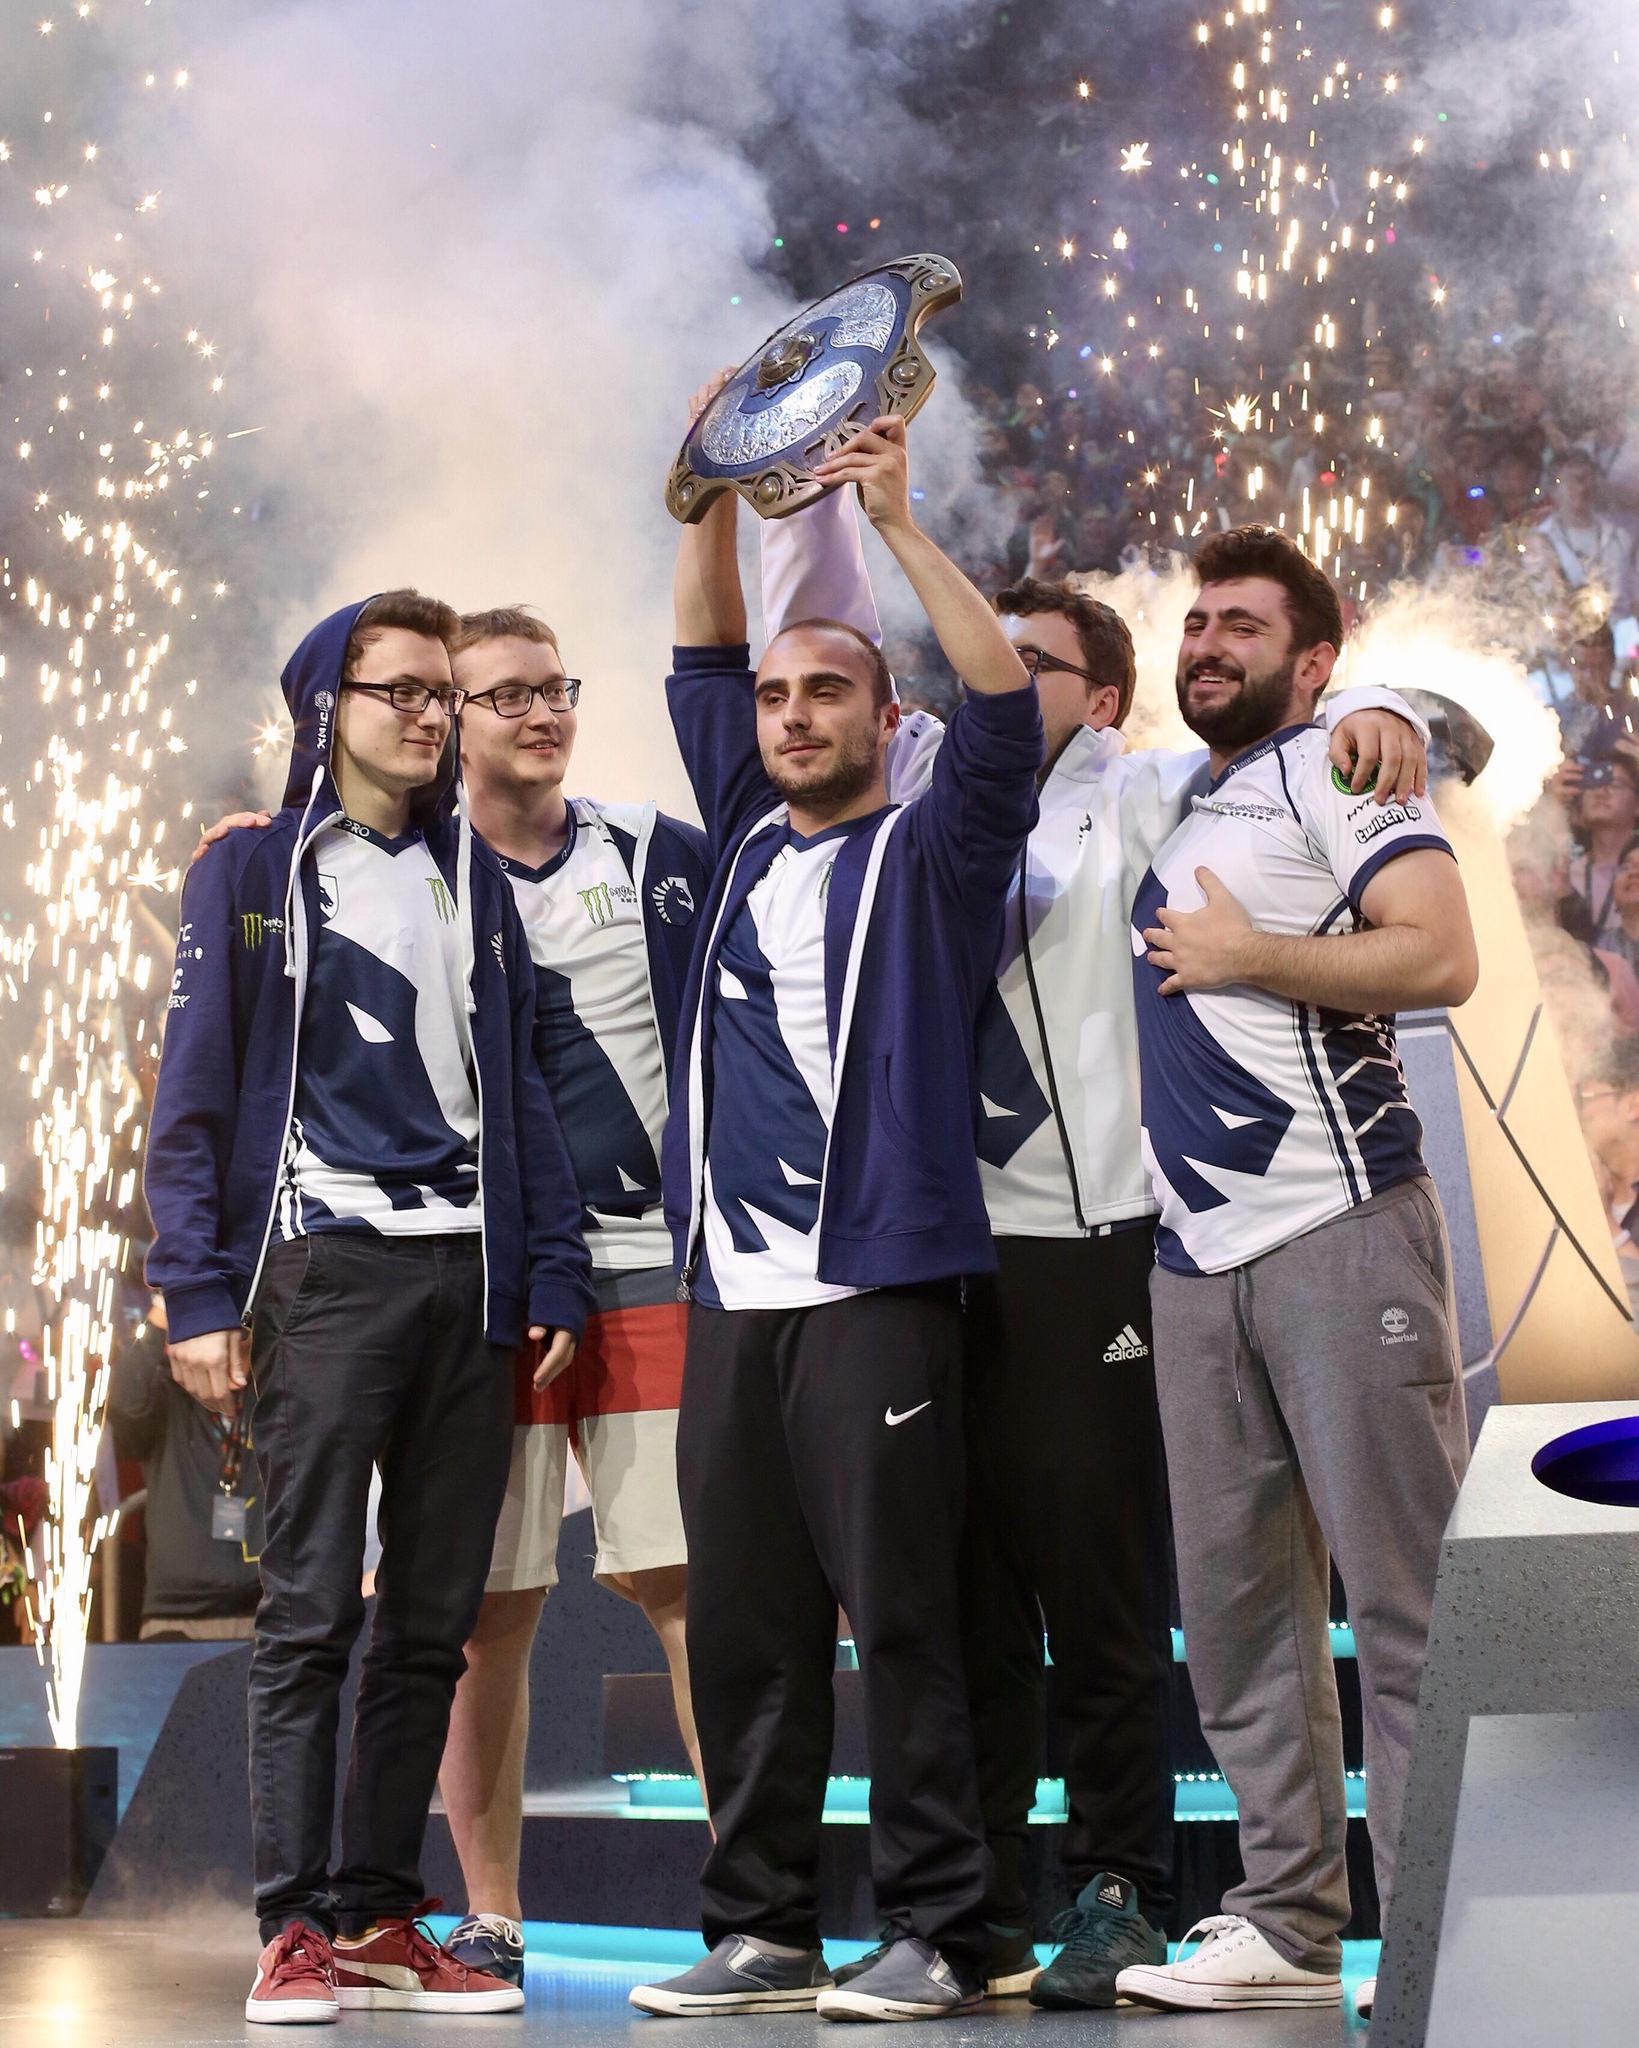 Dota 2 The International 2014 Team Liquid: Електронни спортове